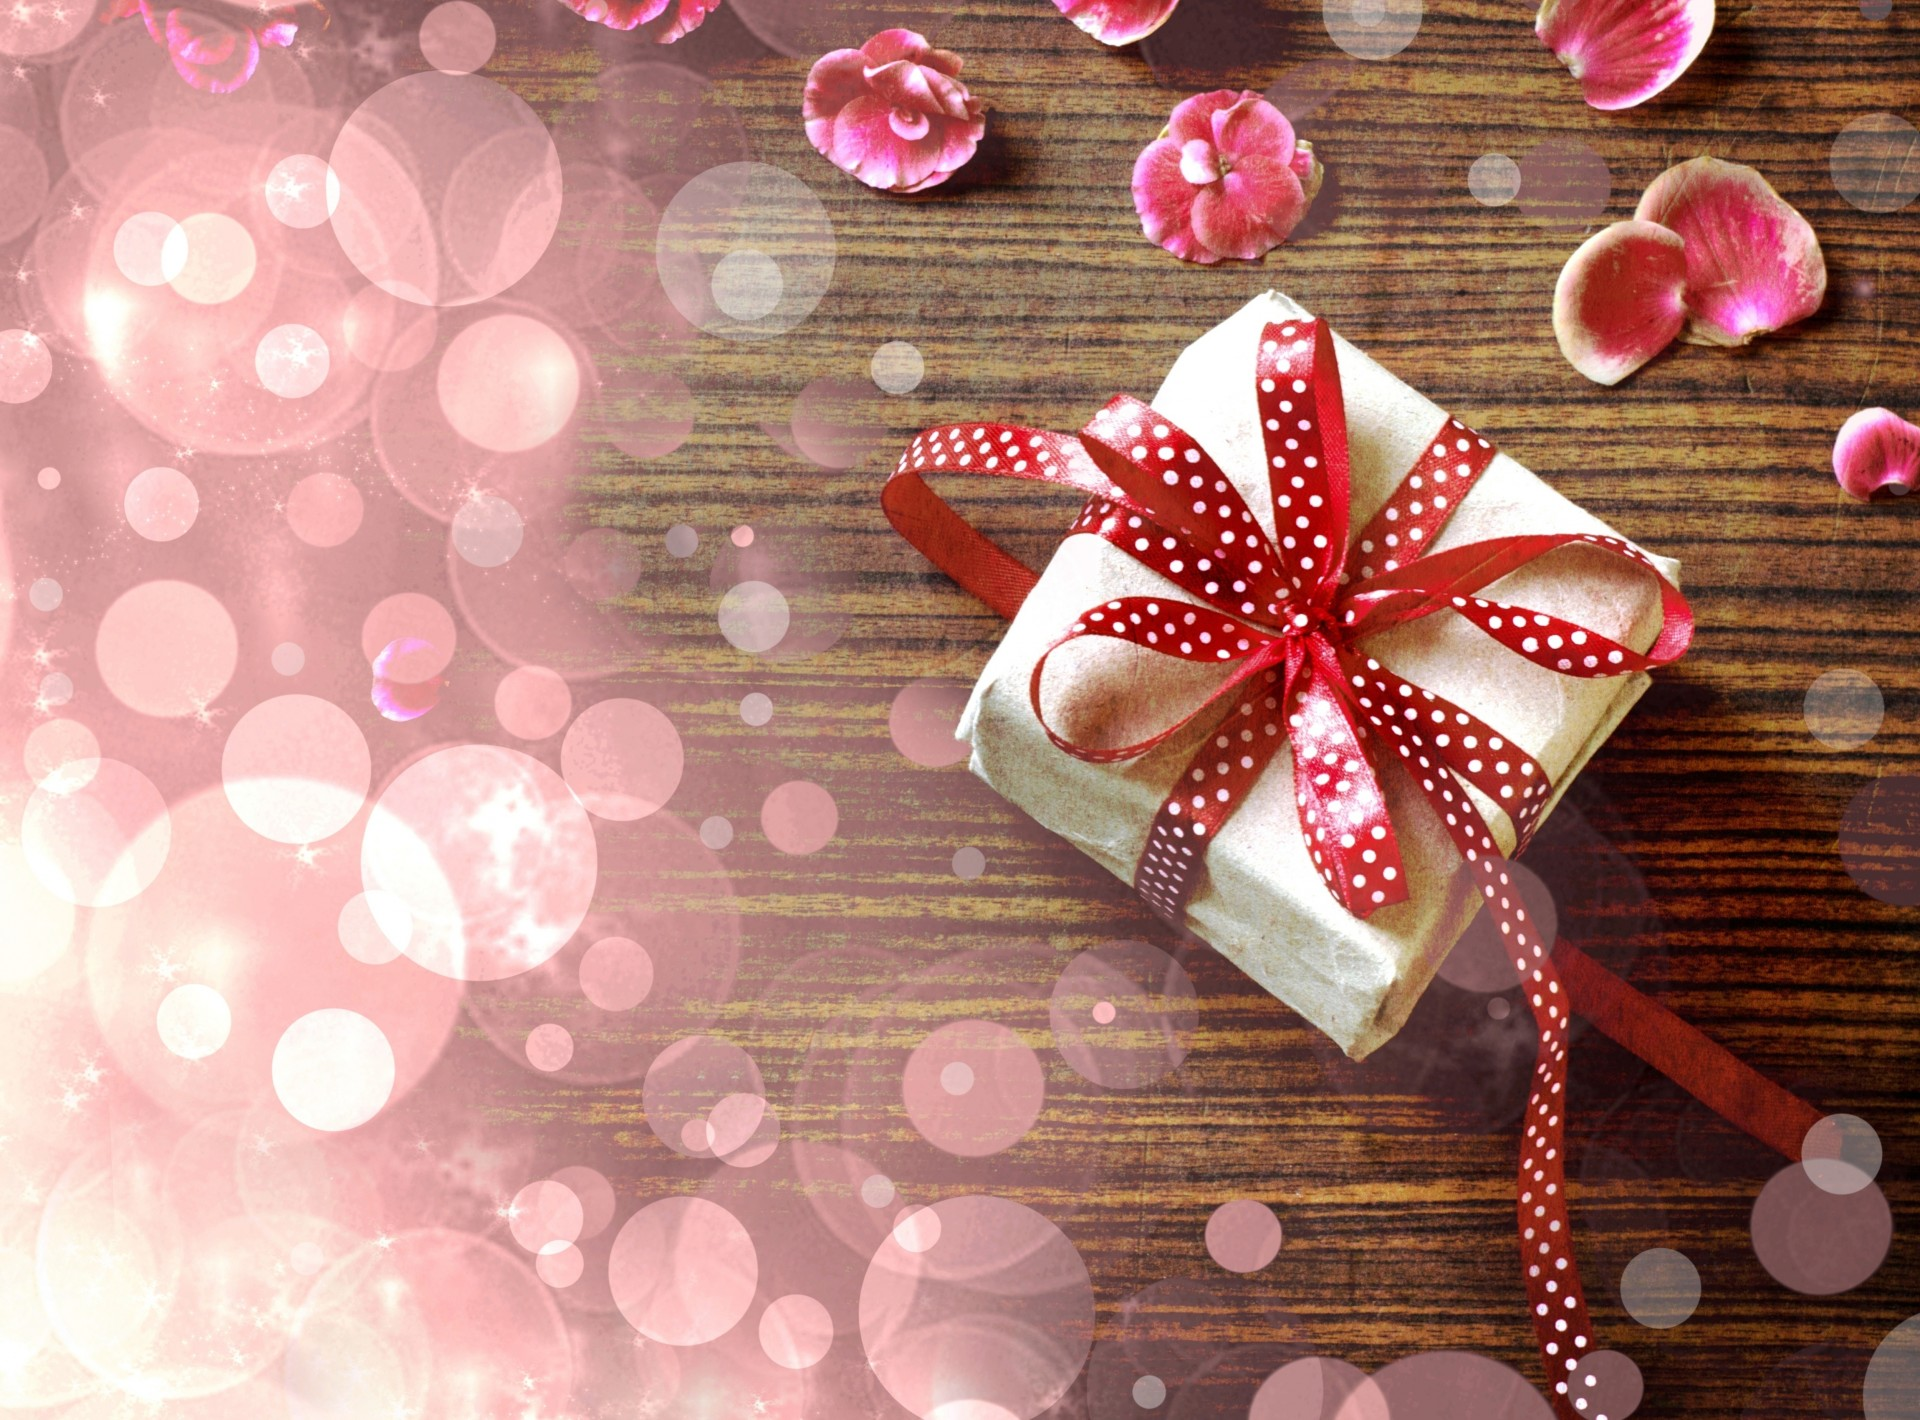 Подарки ко дню рождения ютуб 125